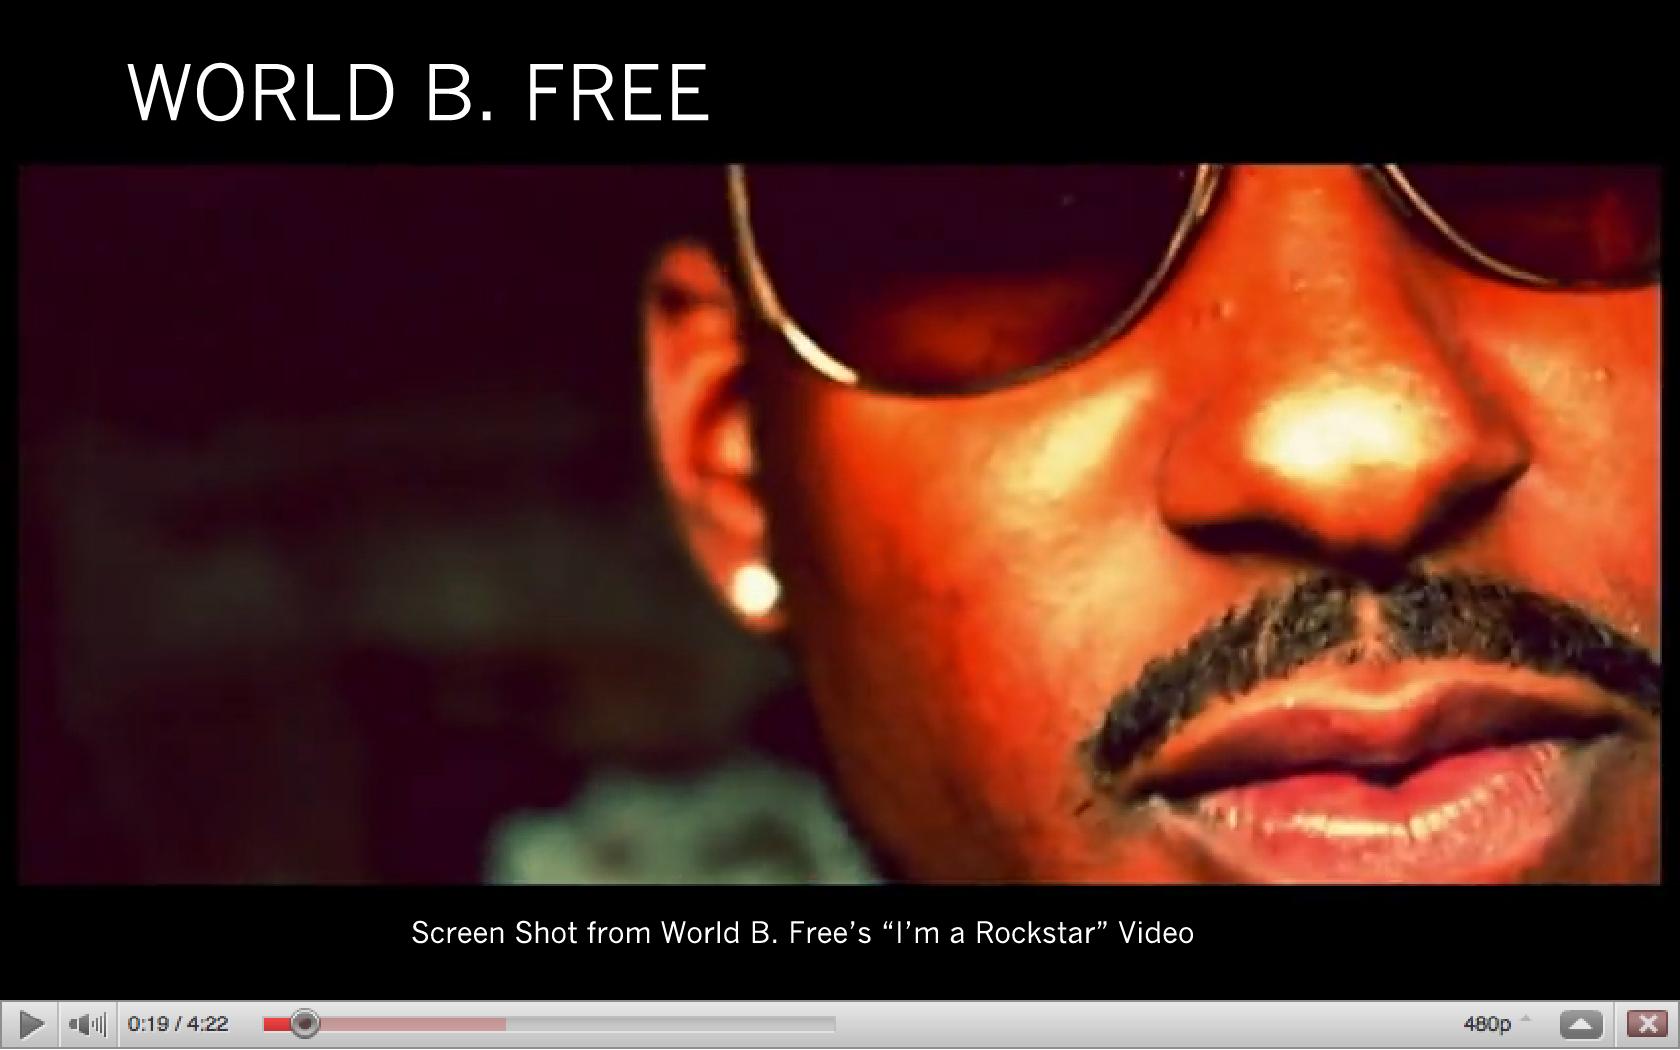 World B Free